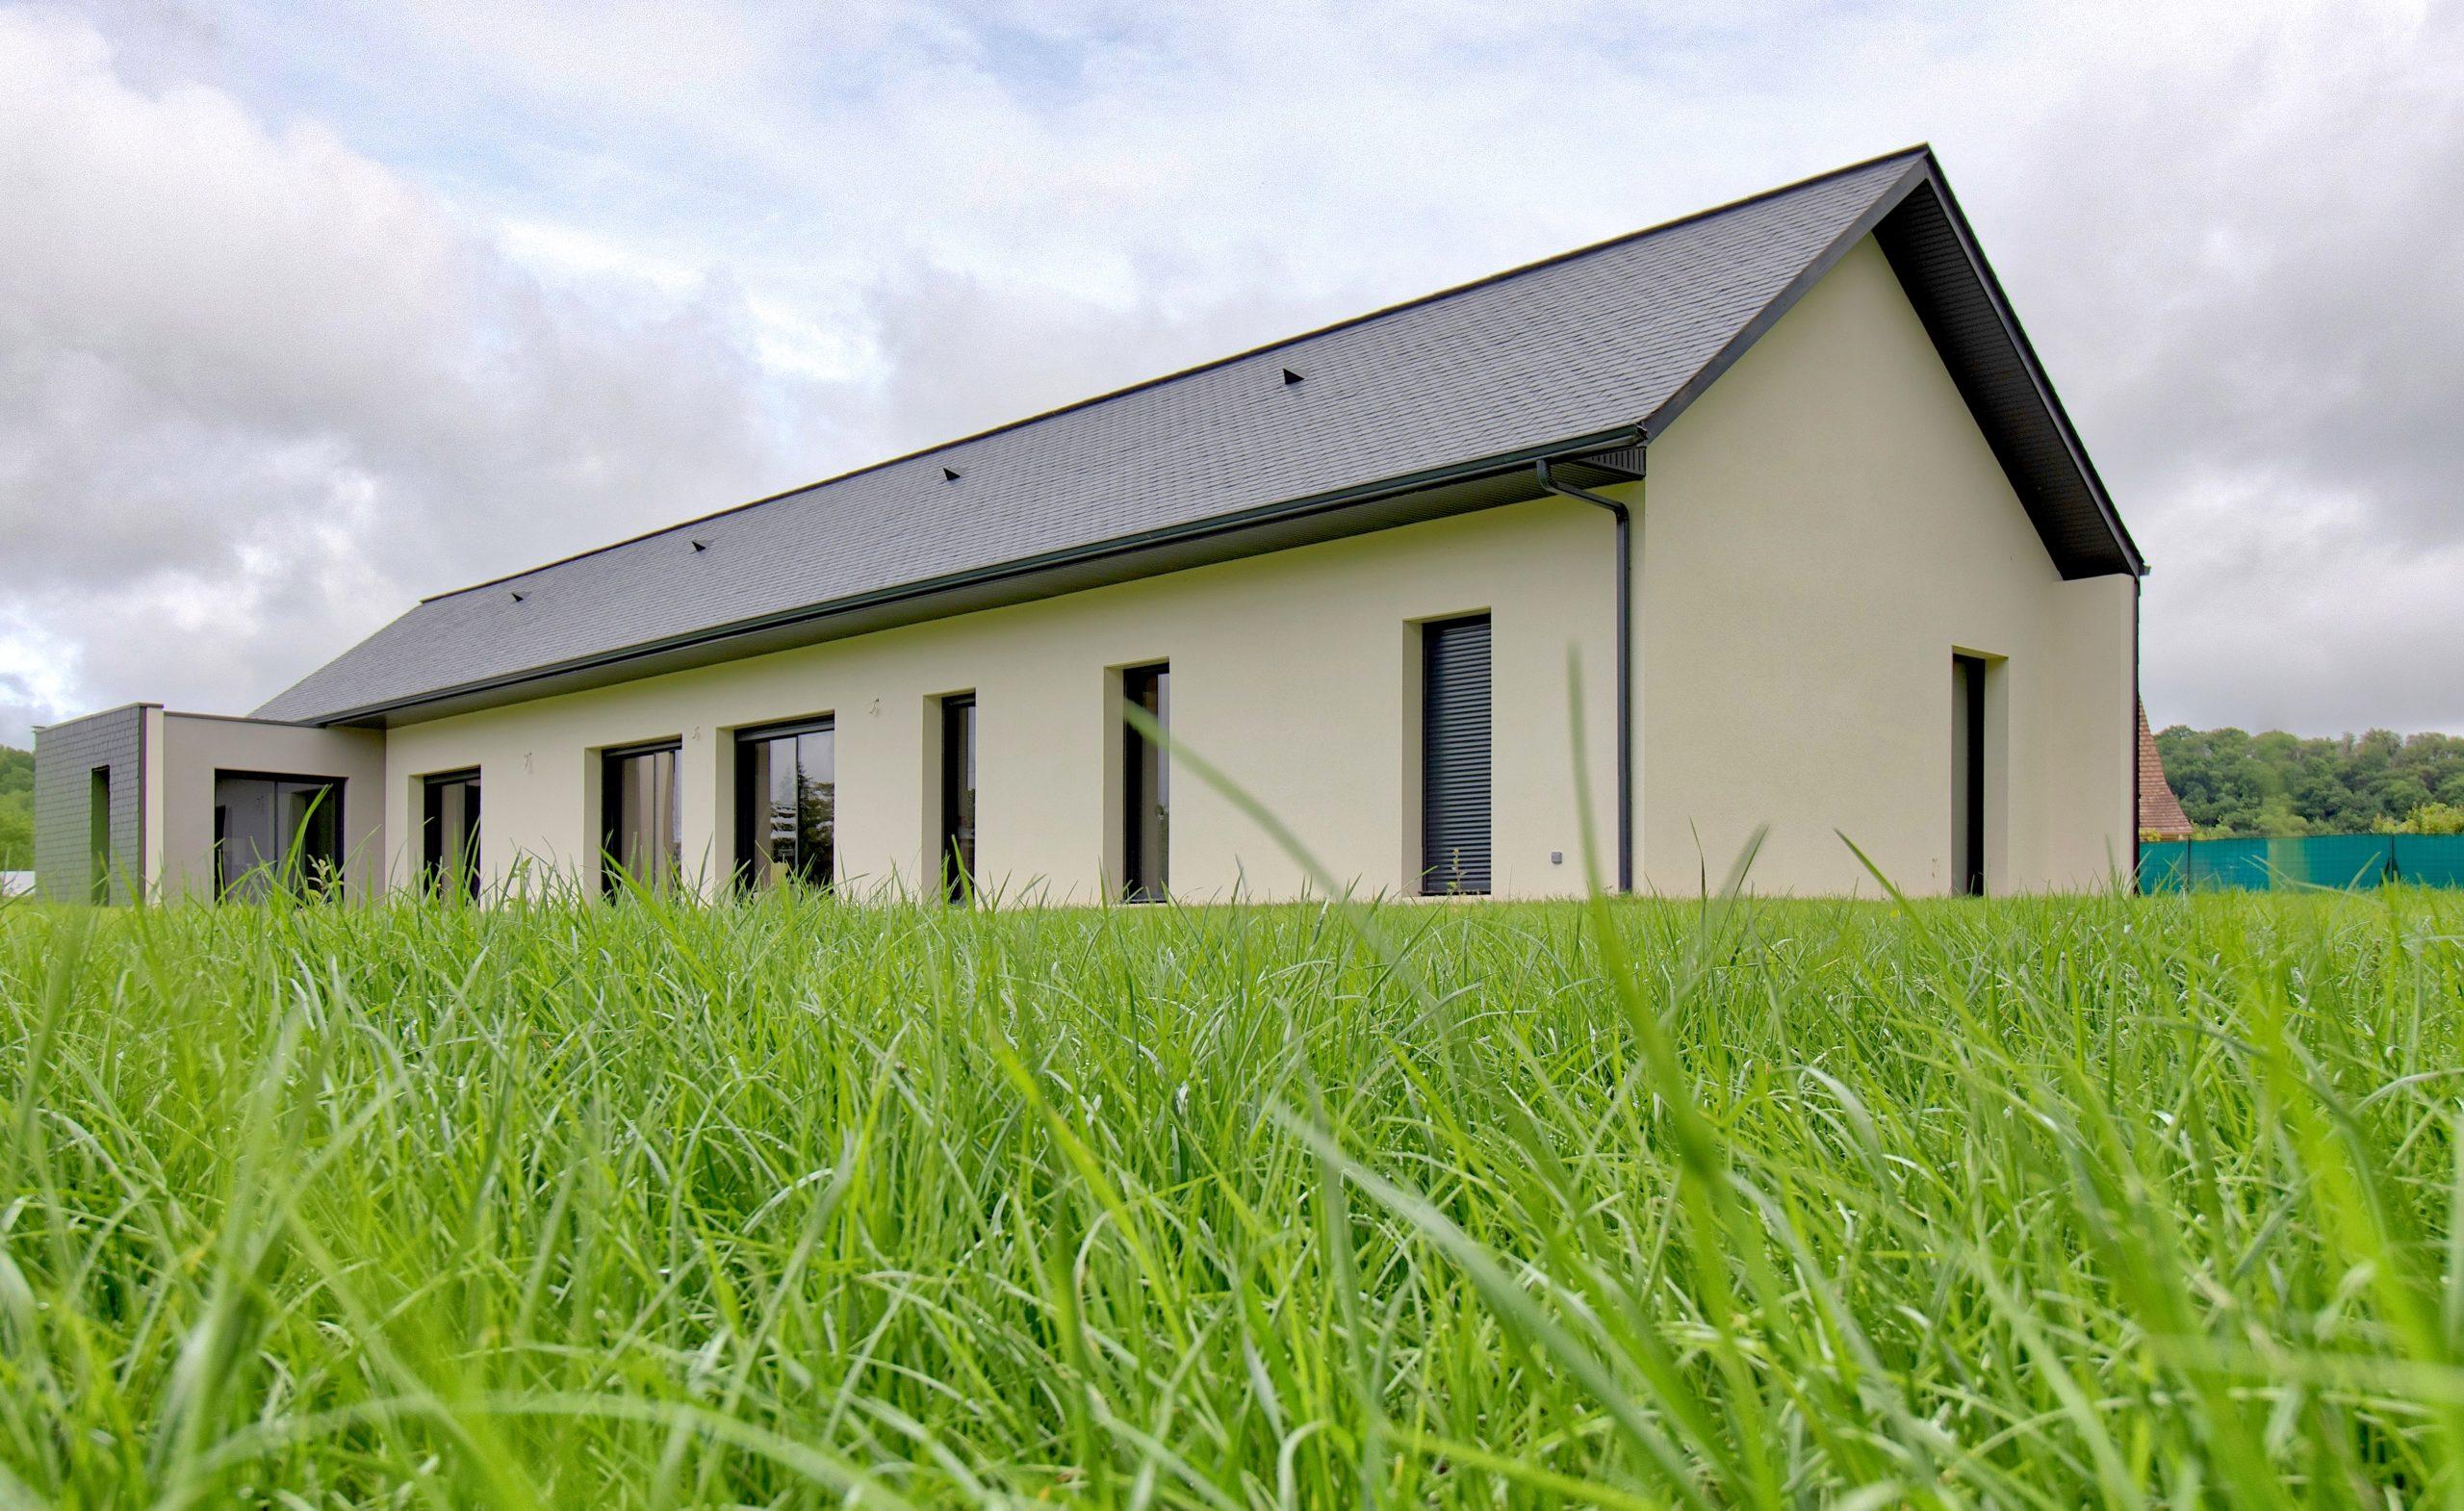 Atelier-Plurielles-architectures-construction-maison-Bearn-extérieur